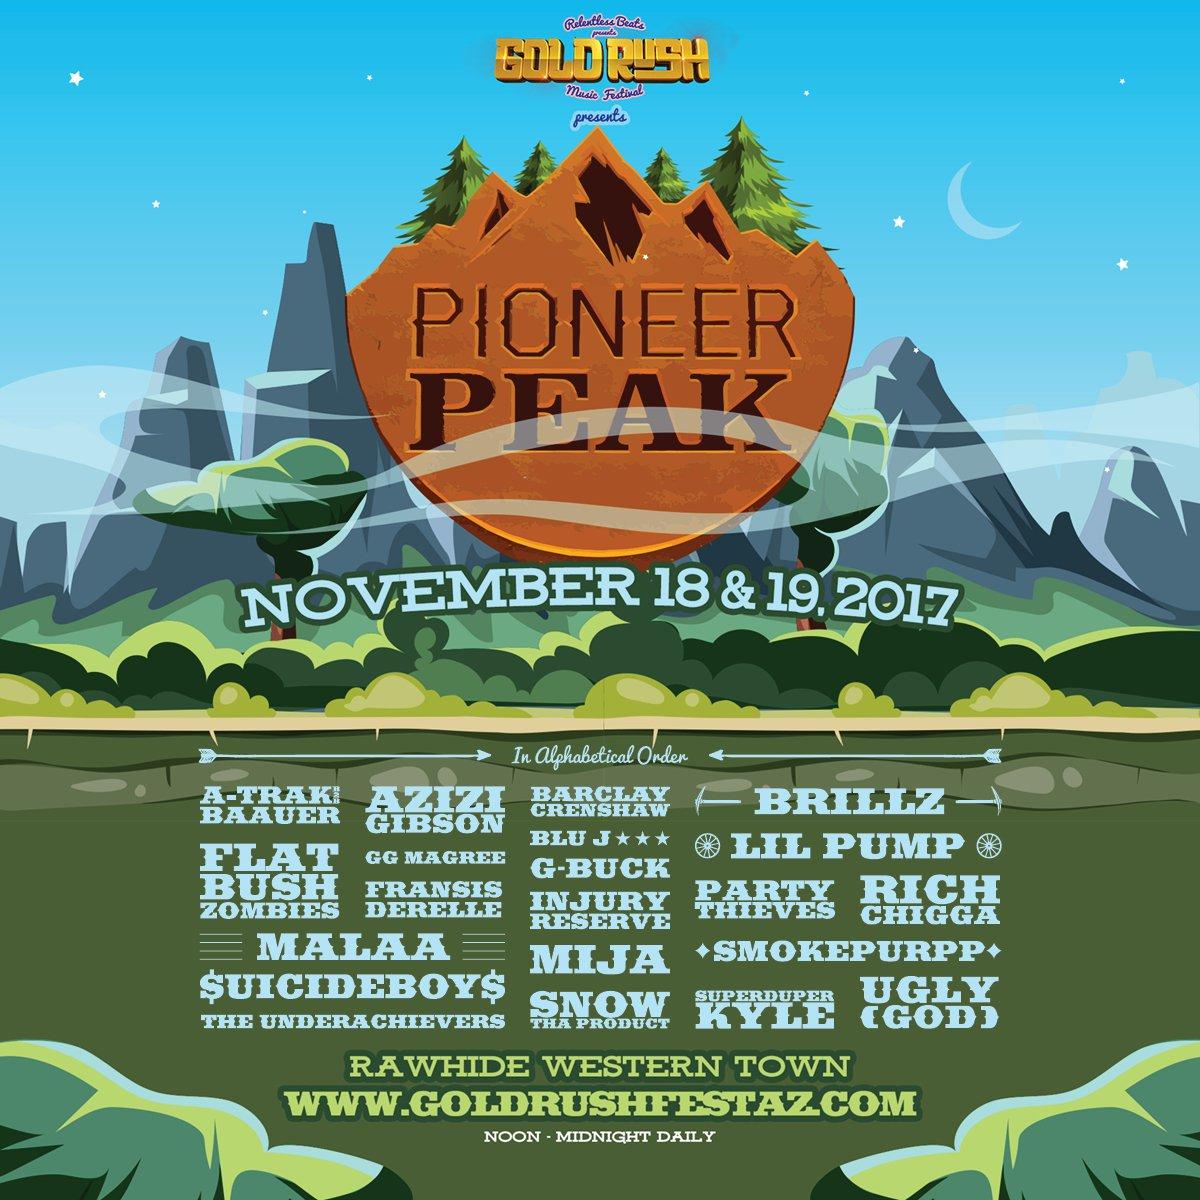 PioneerPeak_v1